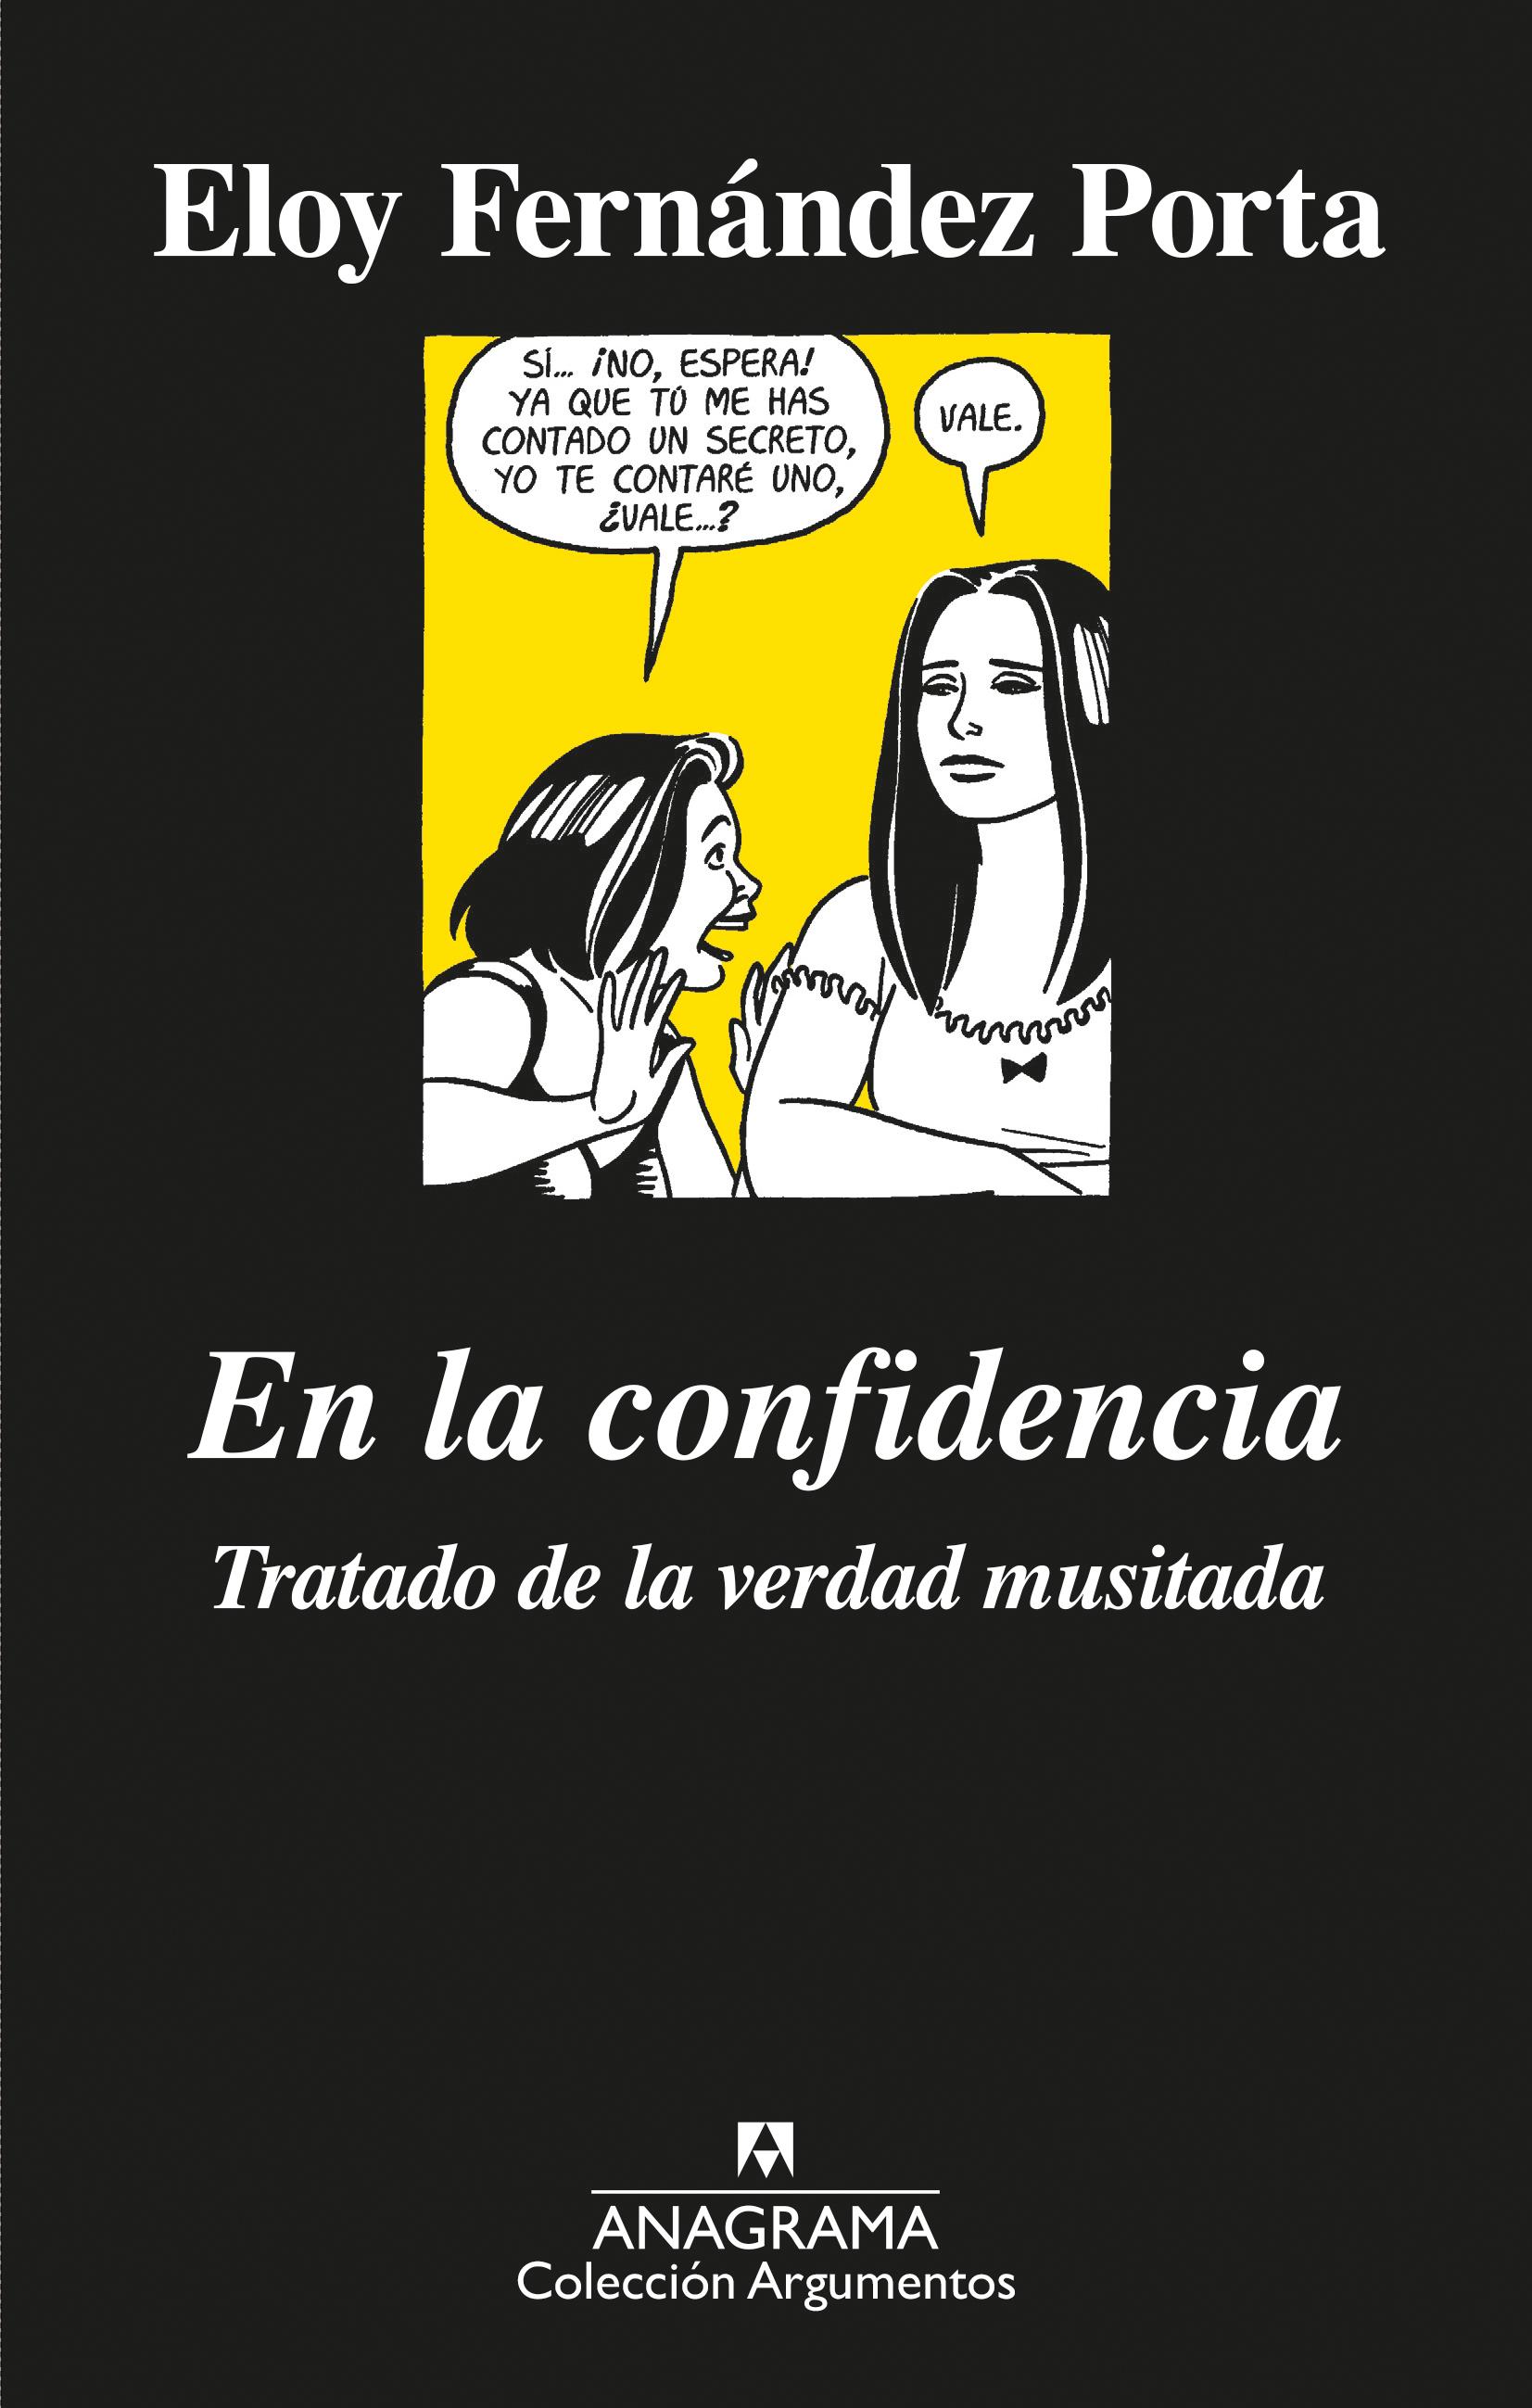 En la confidencia: Tratado de la verdad musitada, de Eloy Fernández Porta